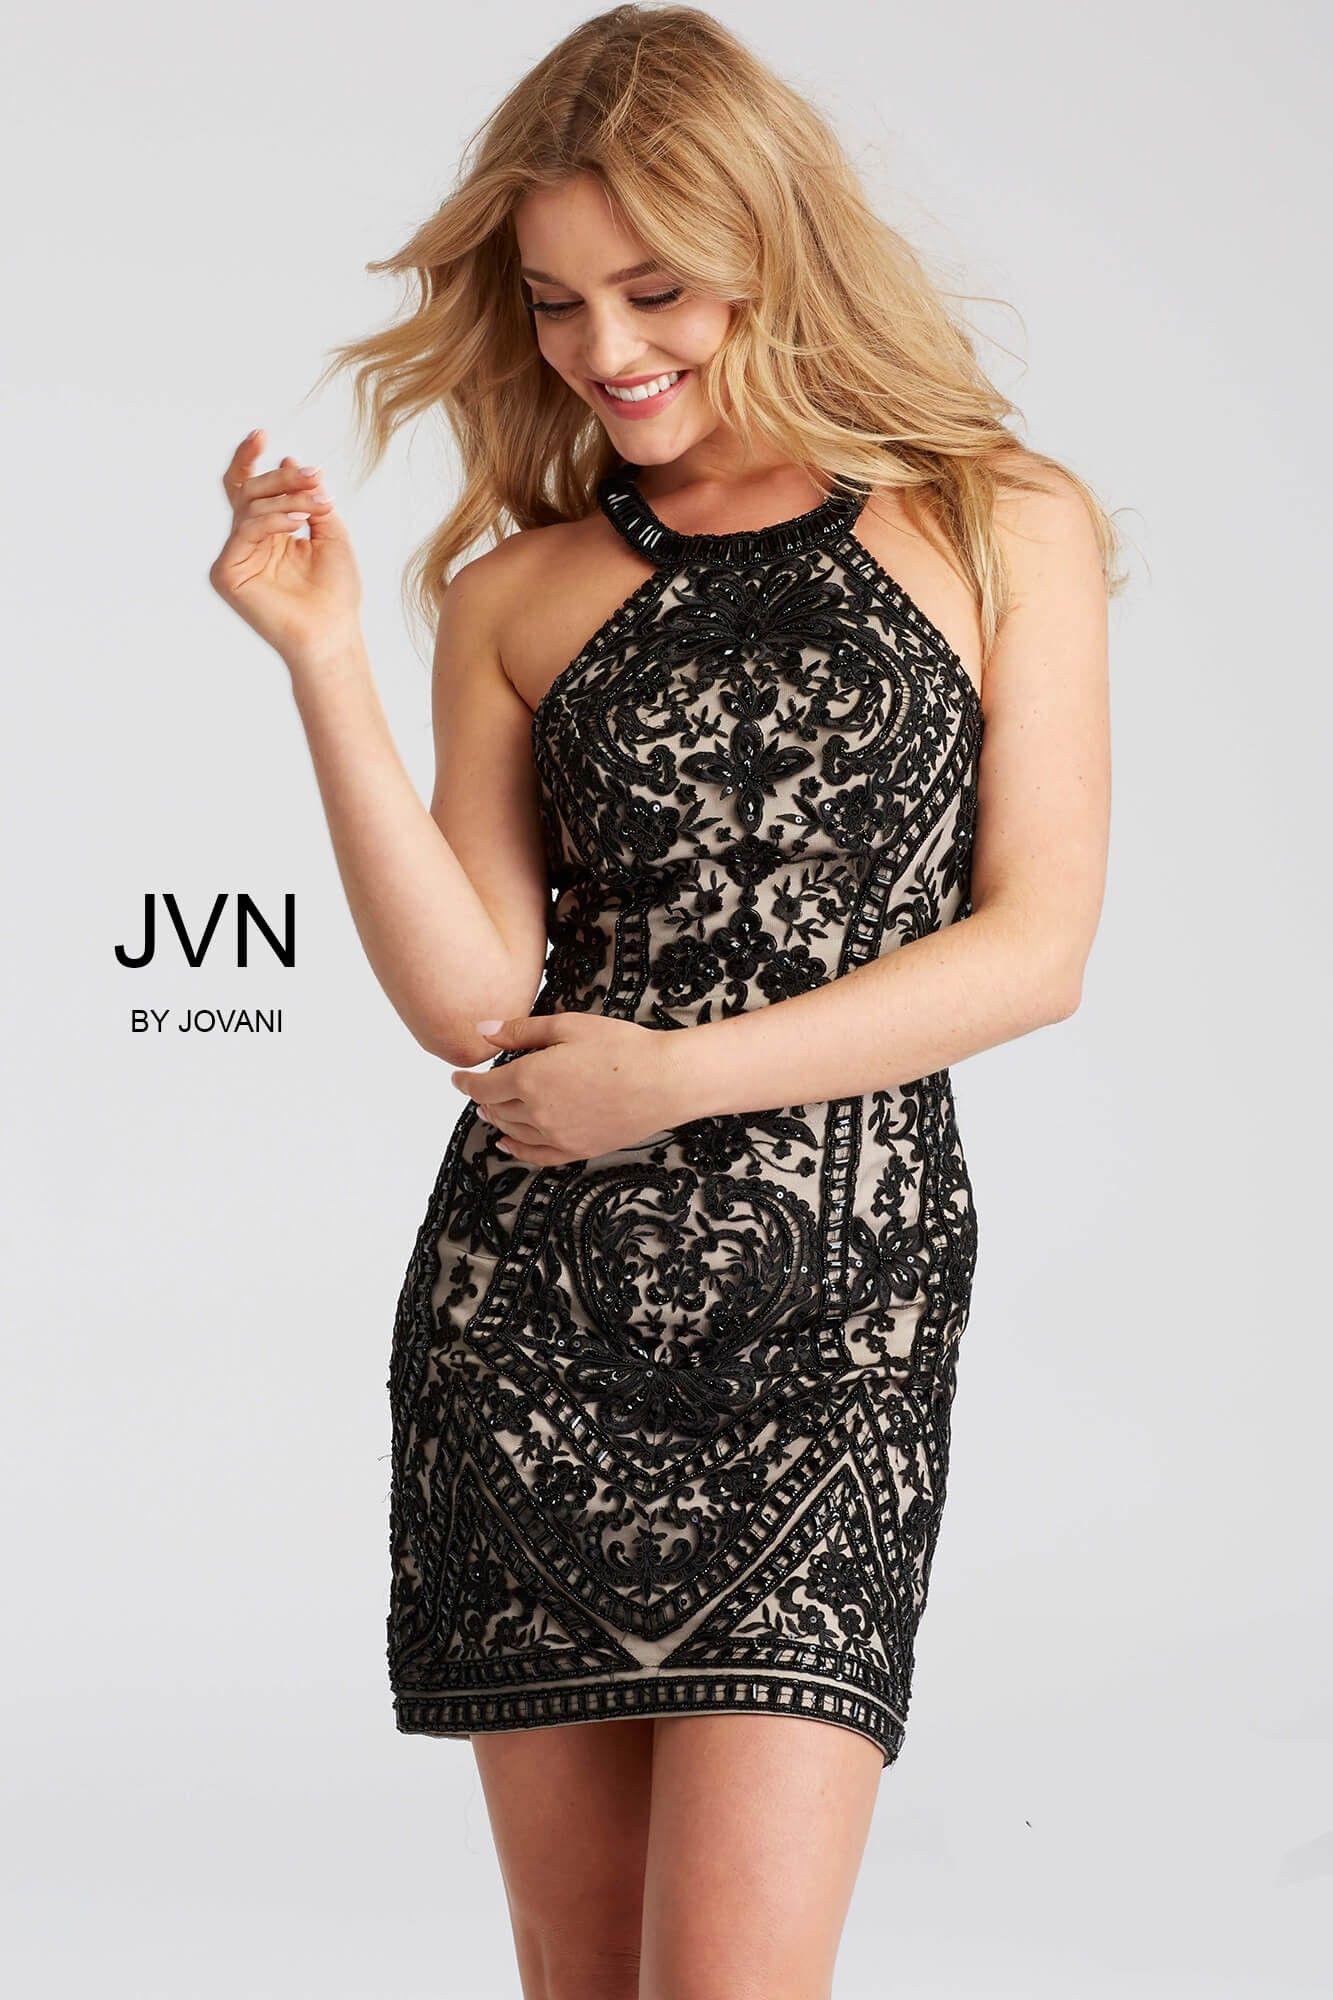 JVN by Jovani JVN53359 Captivating Lace Cocktail Dress